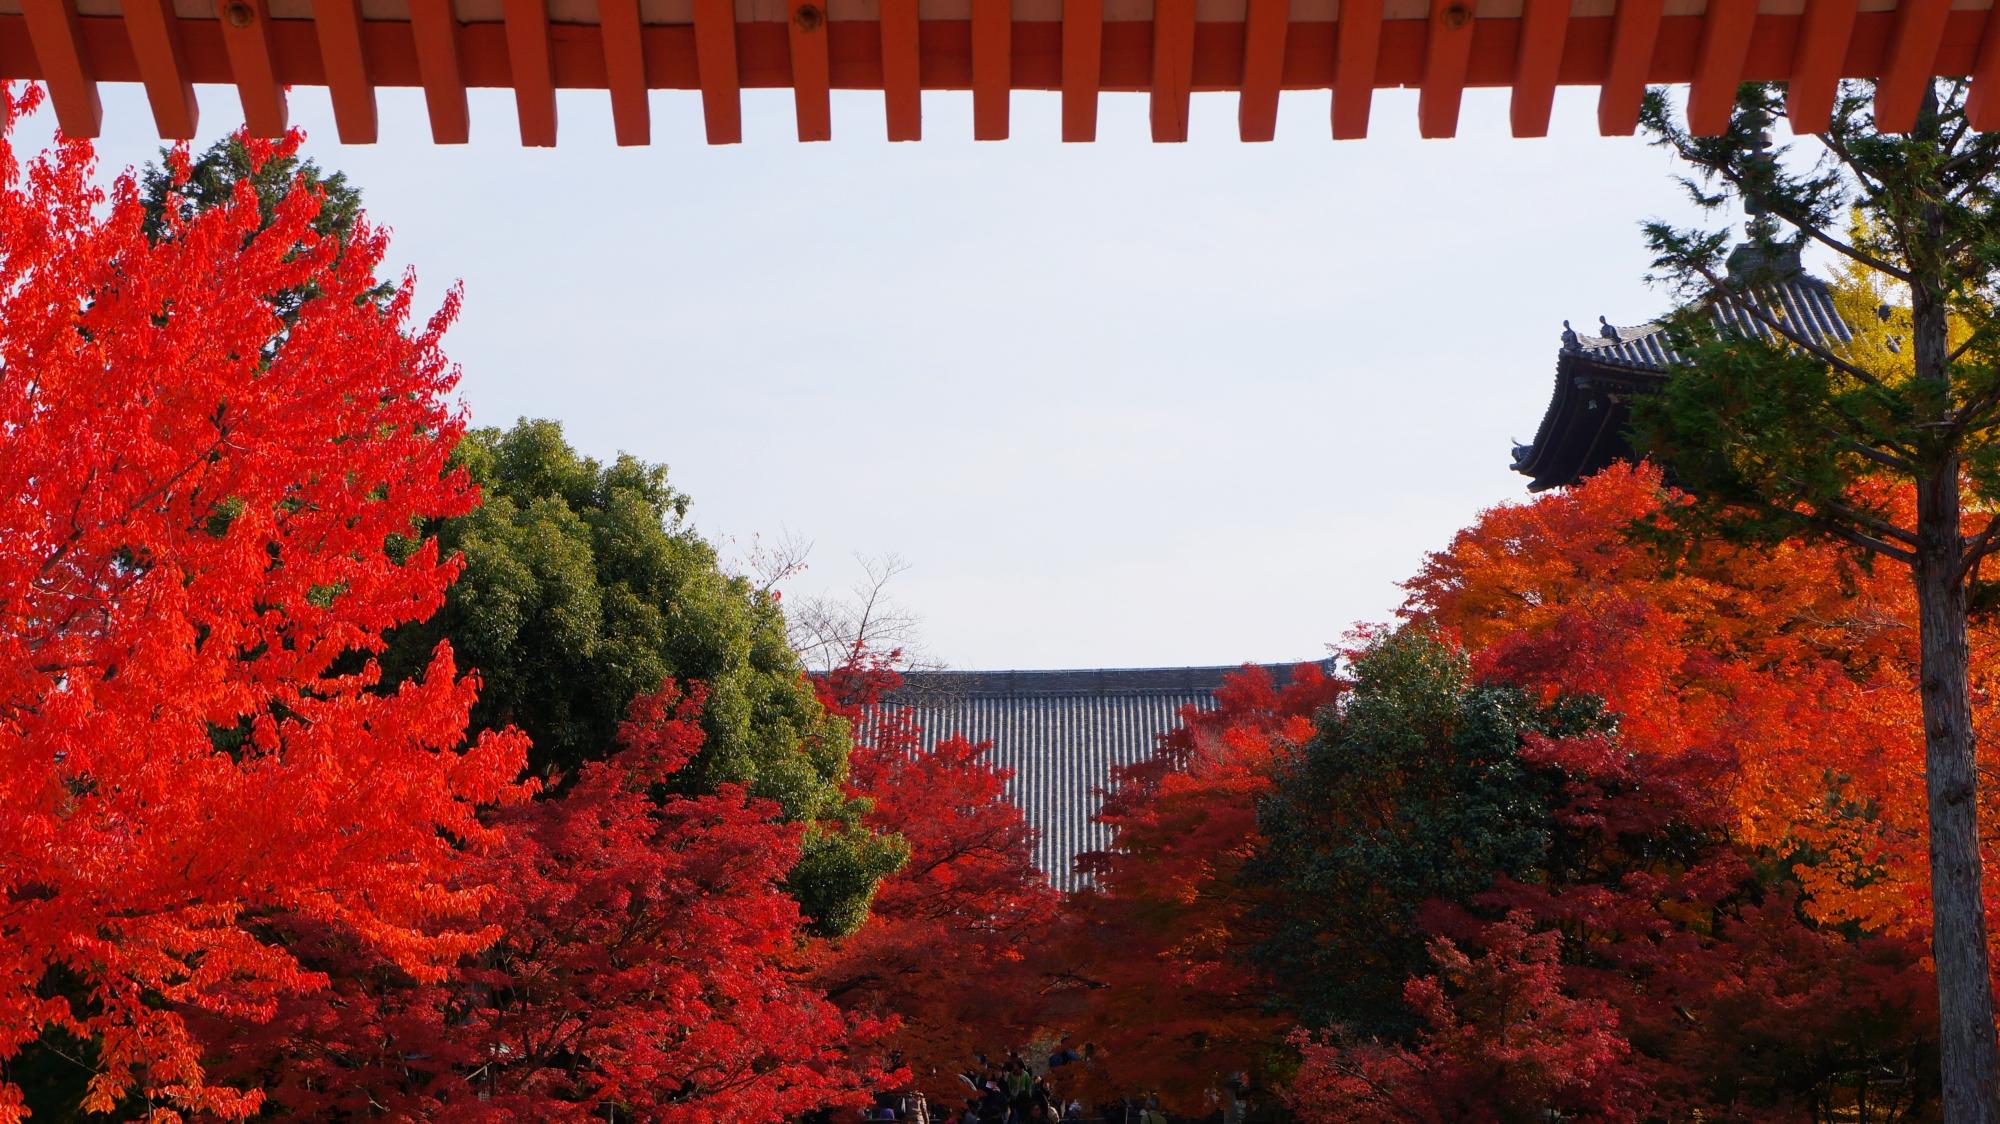 赤門と呼ばれる総門の下から眺めた境内の紅葉